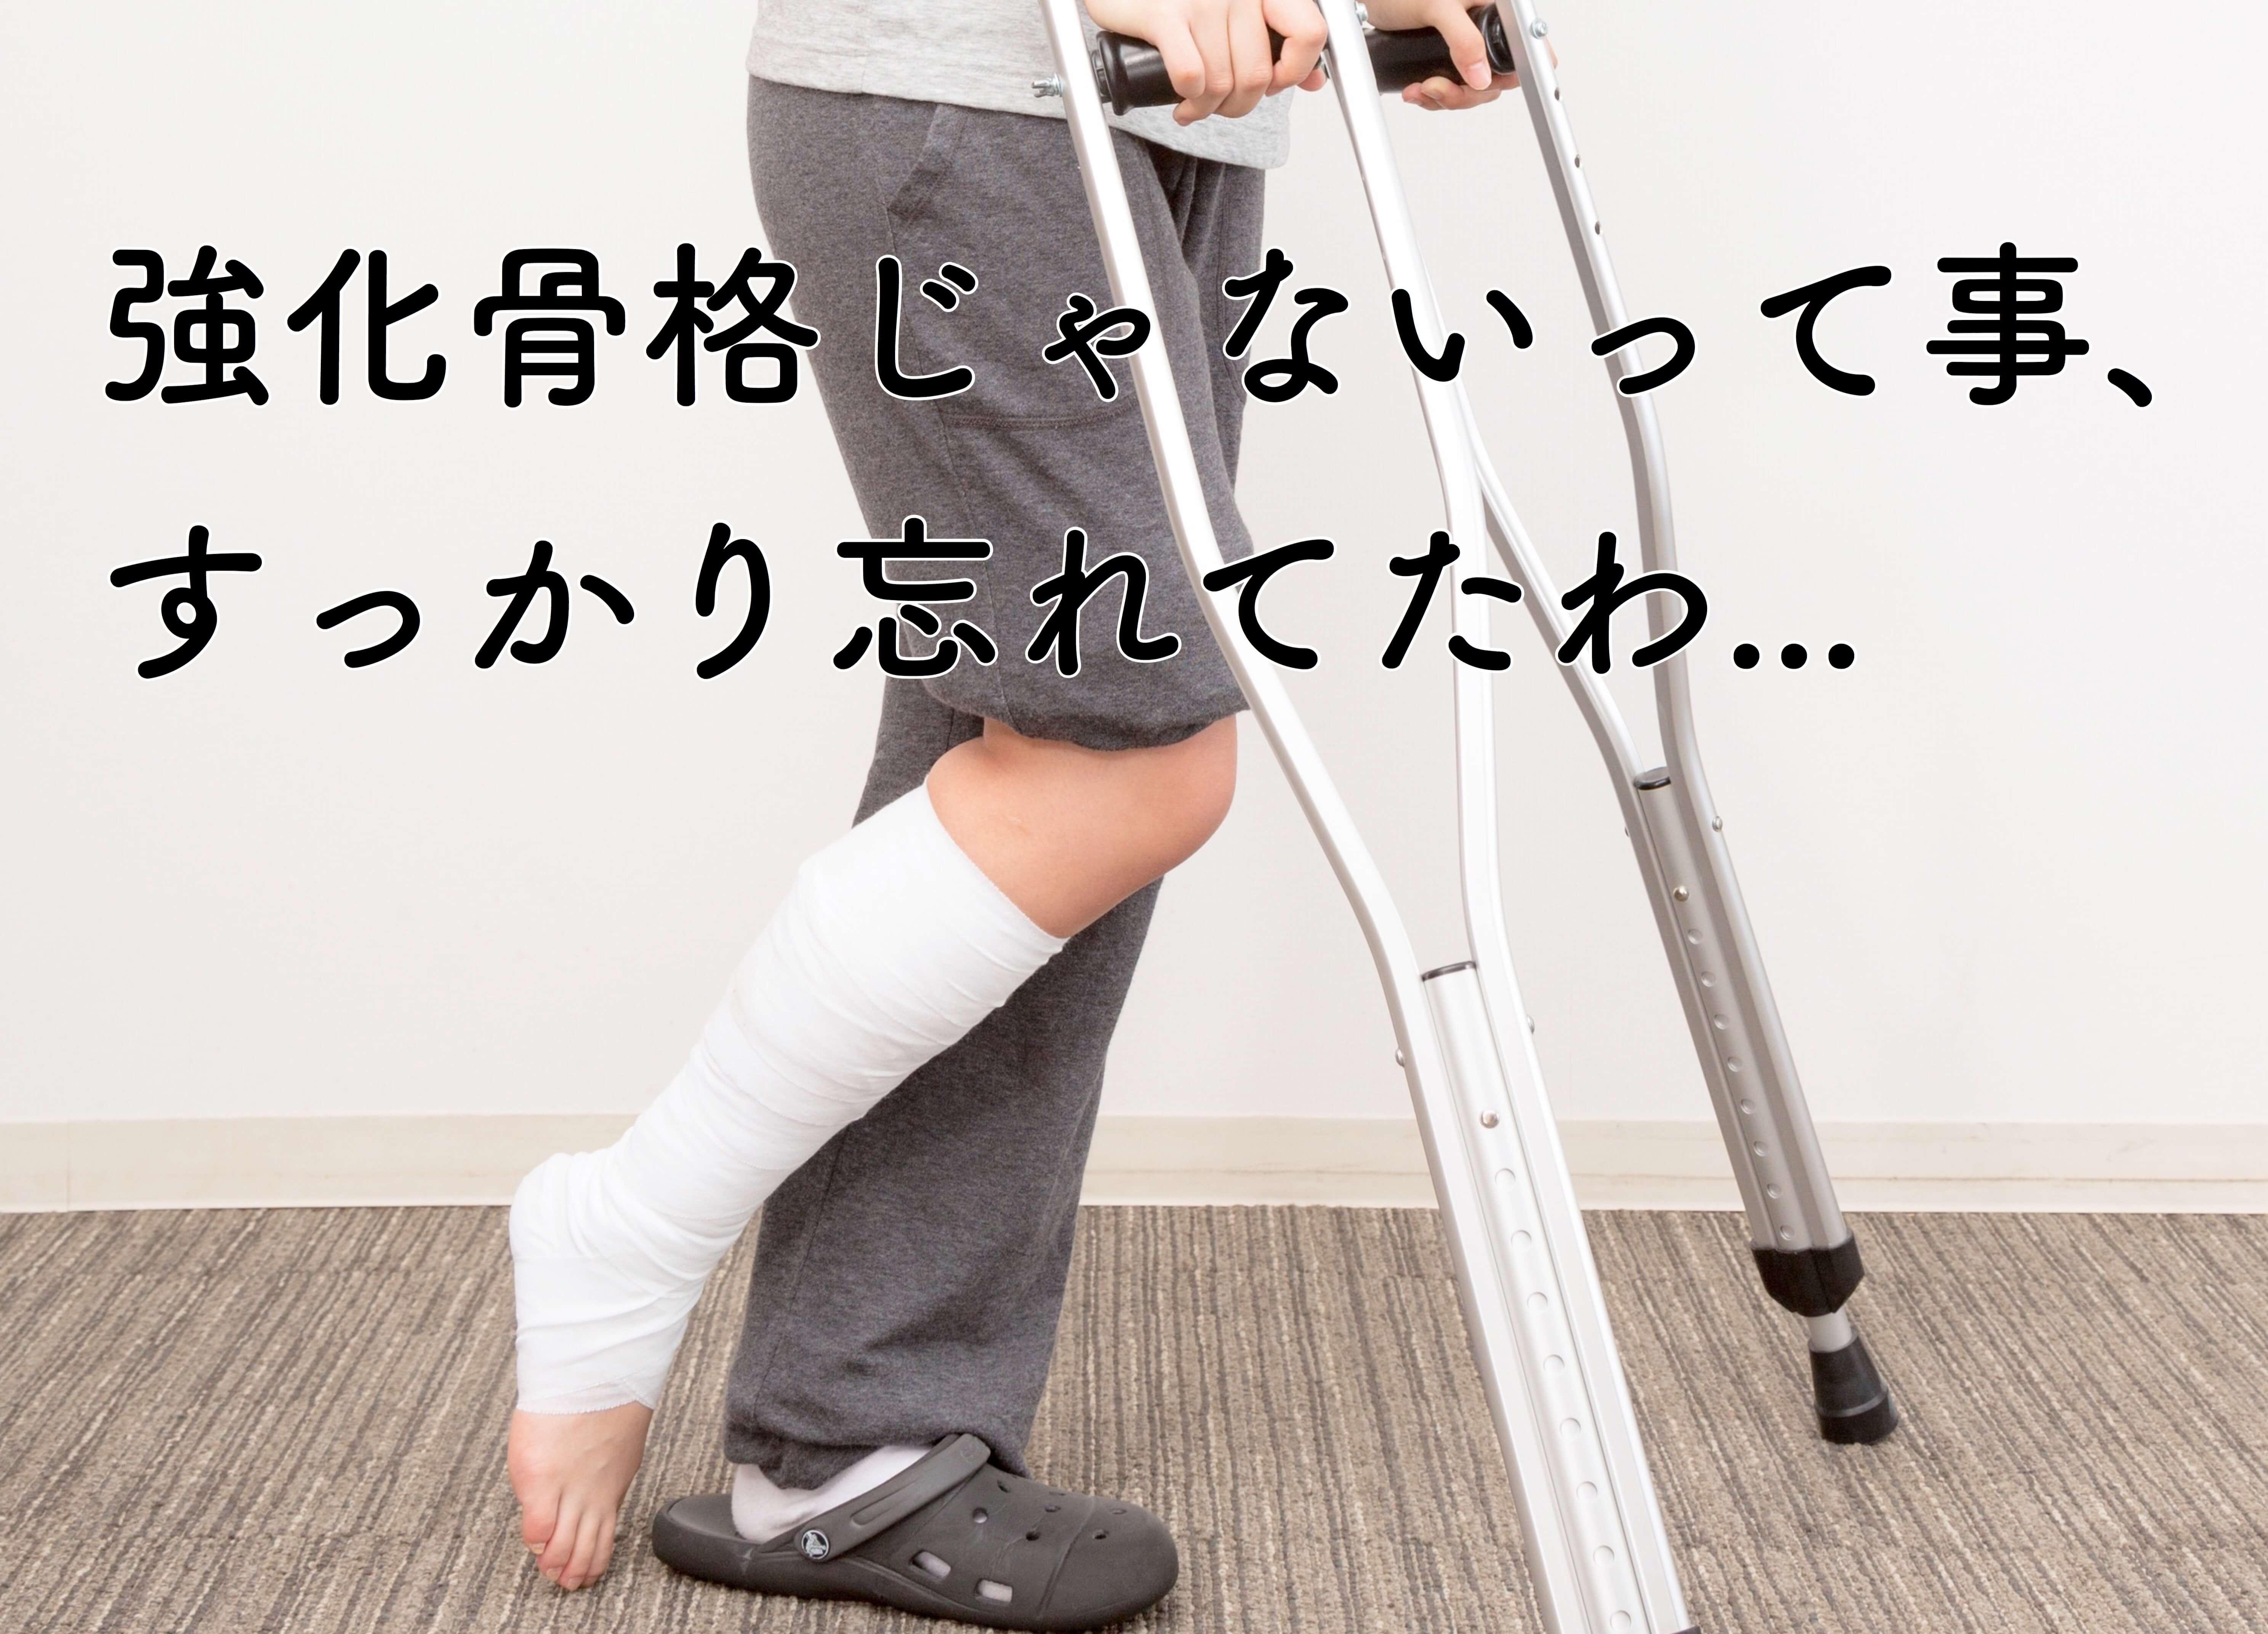 ジェットパックが無いことを忘れて飛び降りて怪我をした女性